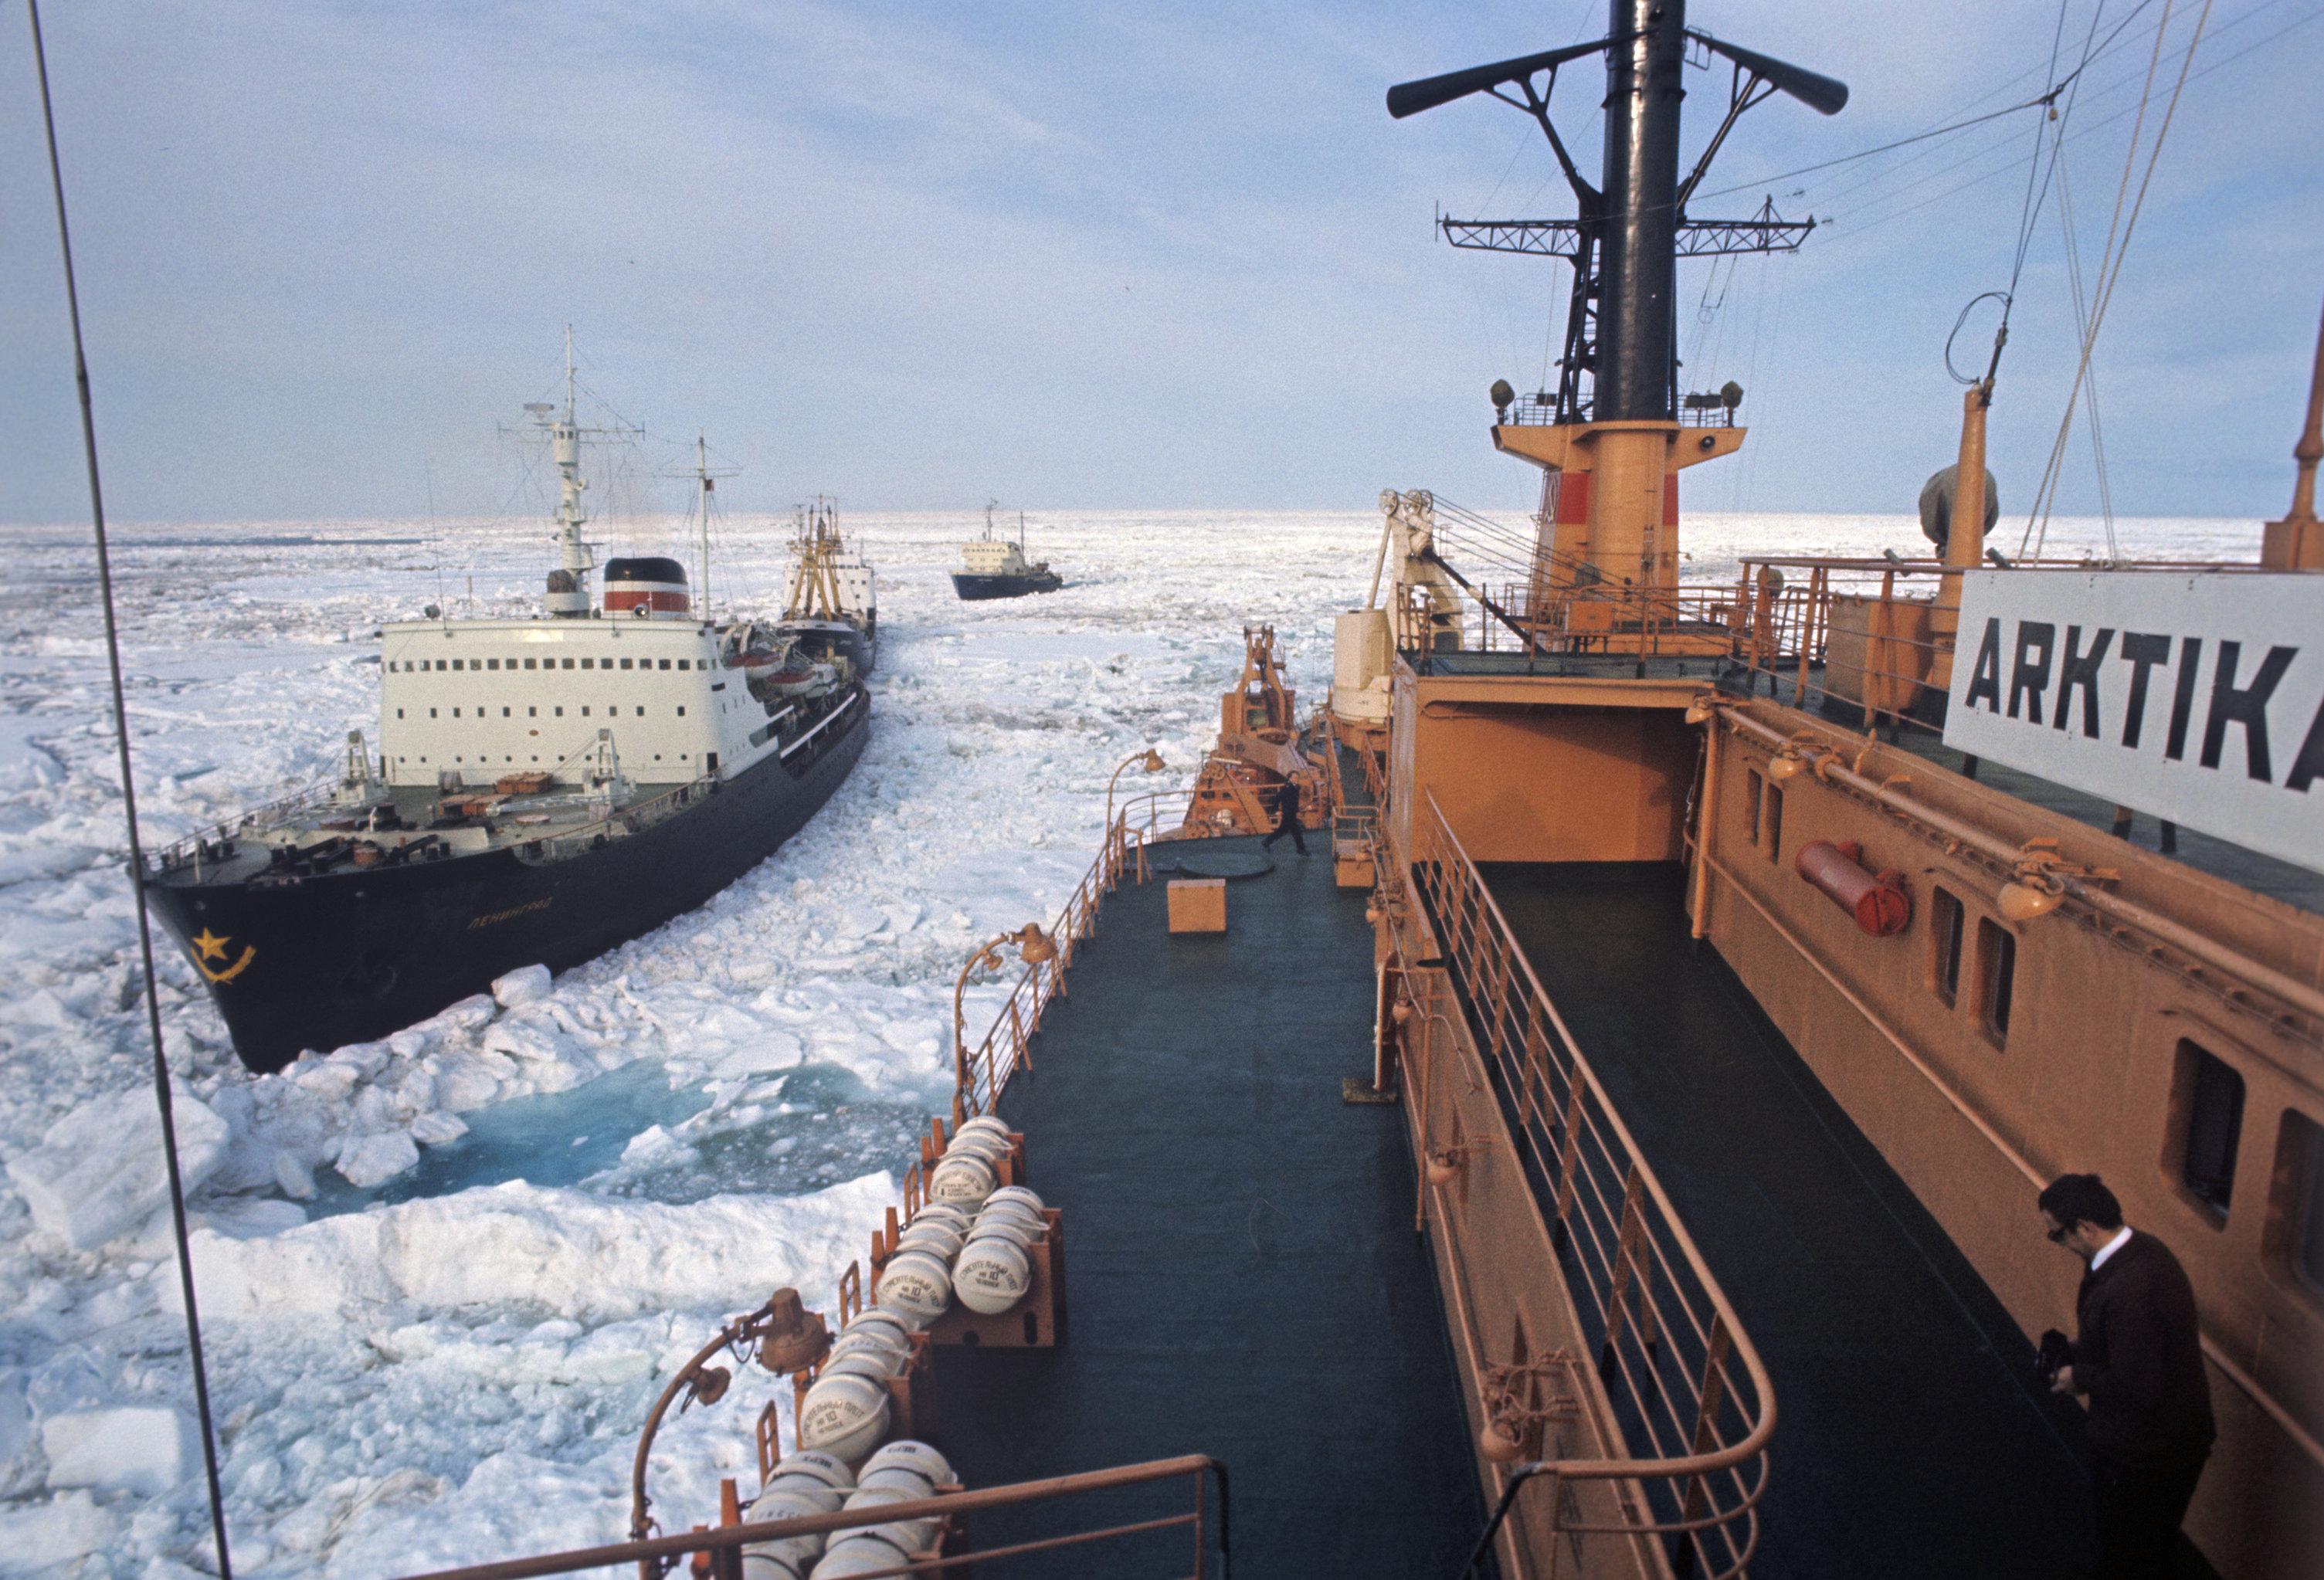 Атомный ледокол Арктика во главе каравана судов, идущего Северным морским путем.